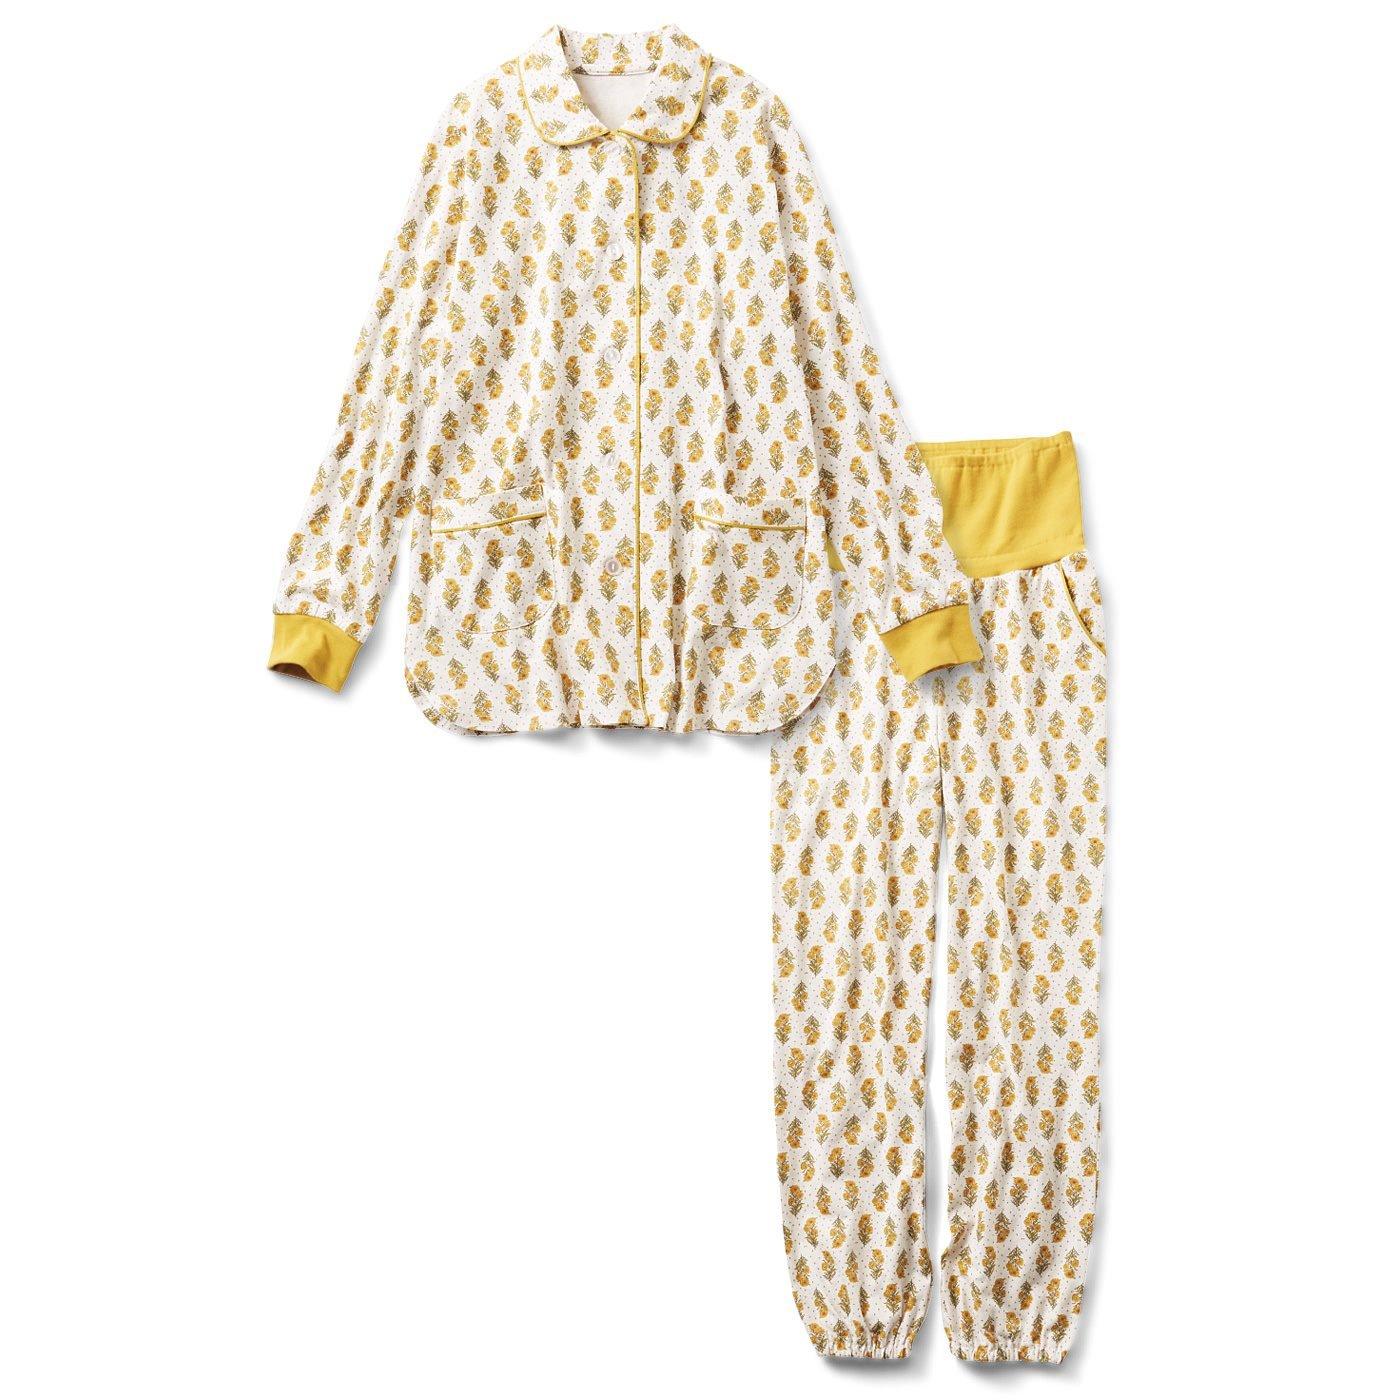 【3~10日でお届け】リブ イン コンフォート 素肌に気持ちいい 綿素材のカットソープリントパジャマ